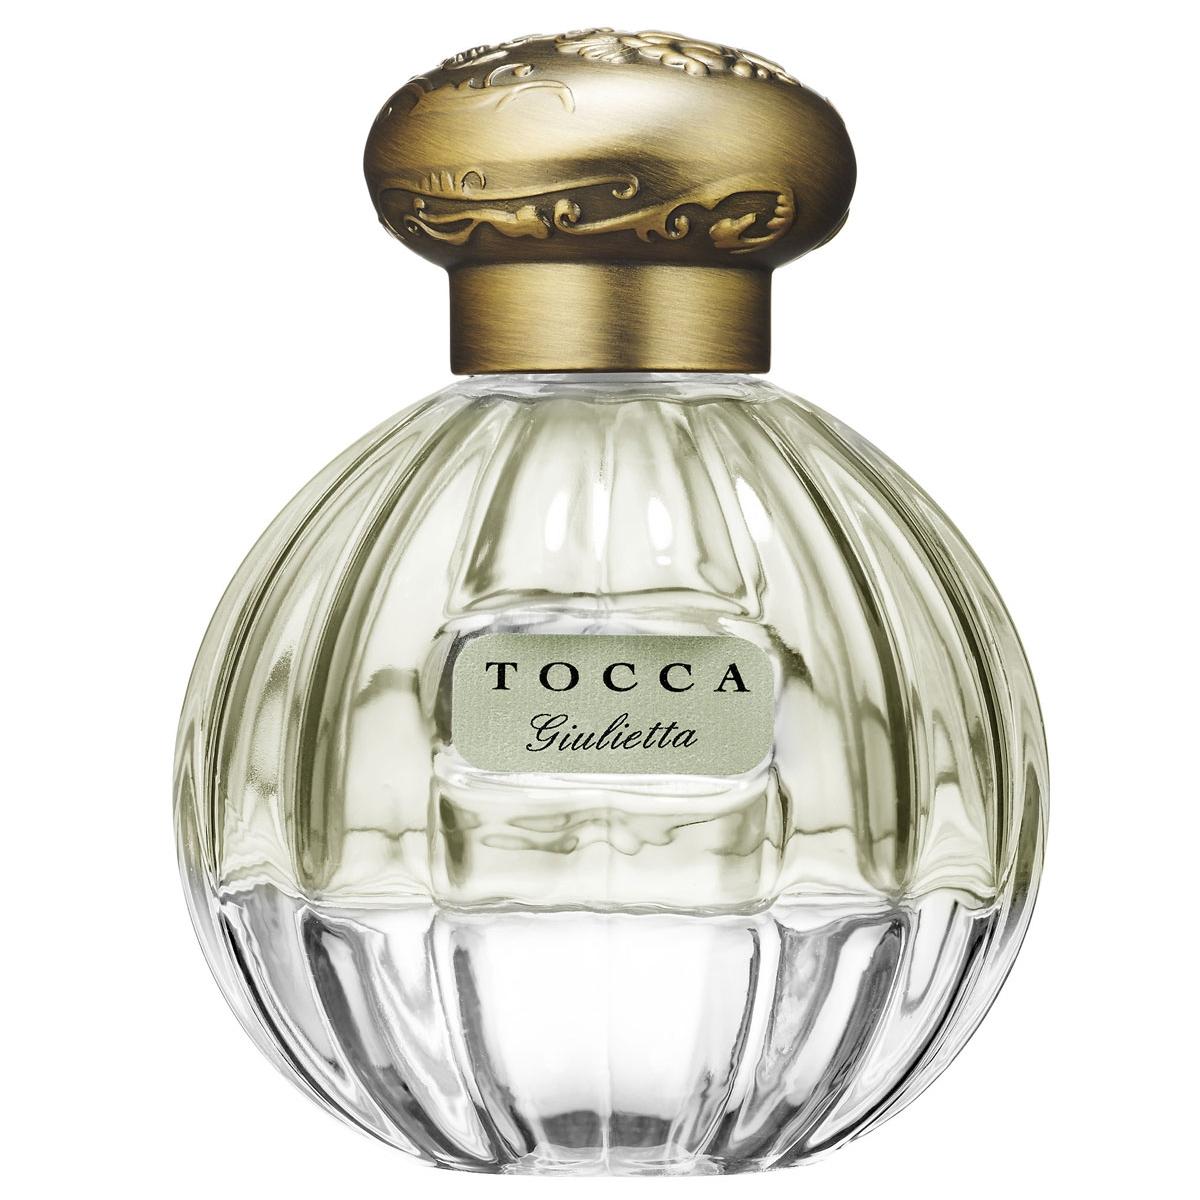 Tocca_Giulietta_Eau_de_parfum.jpg